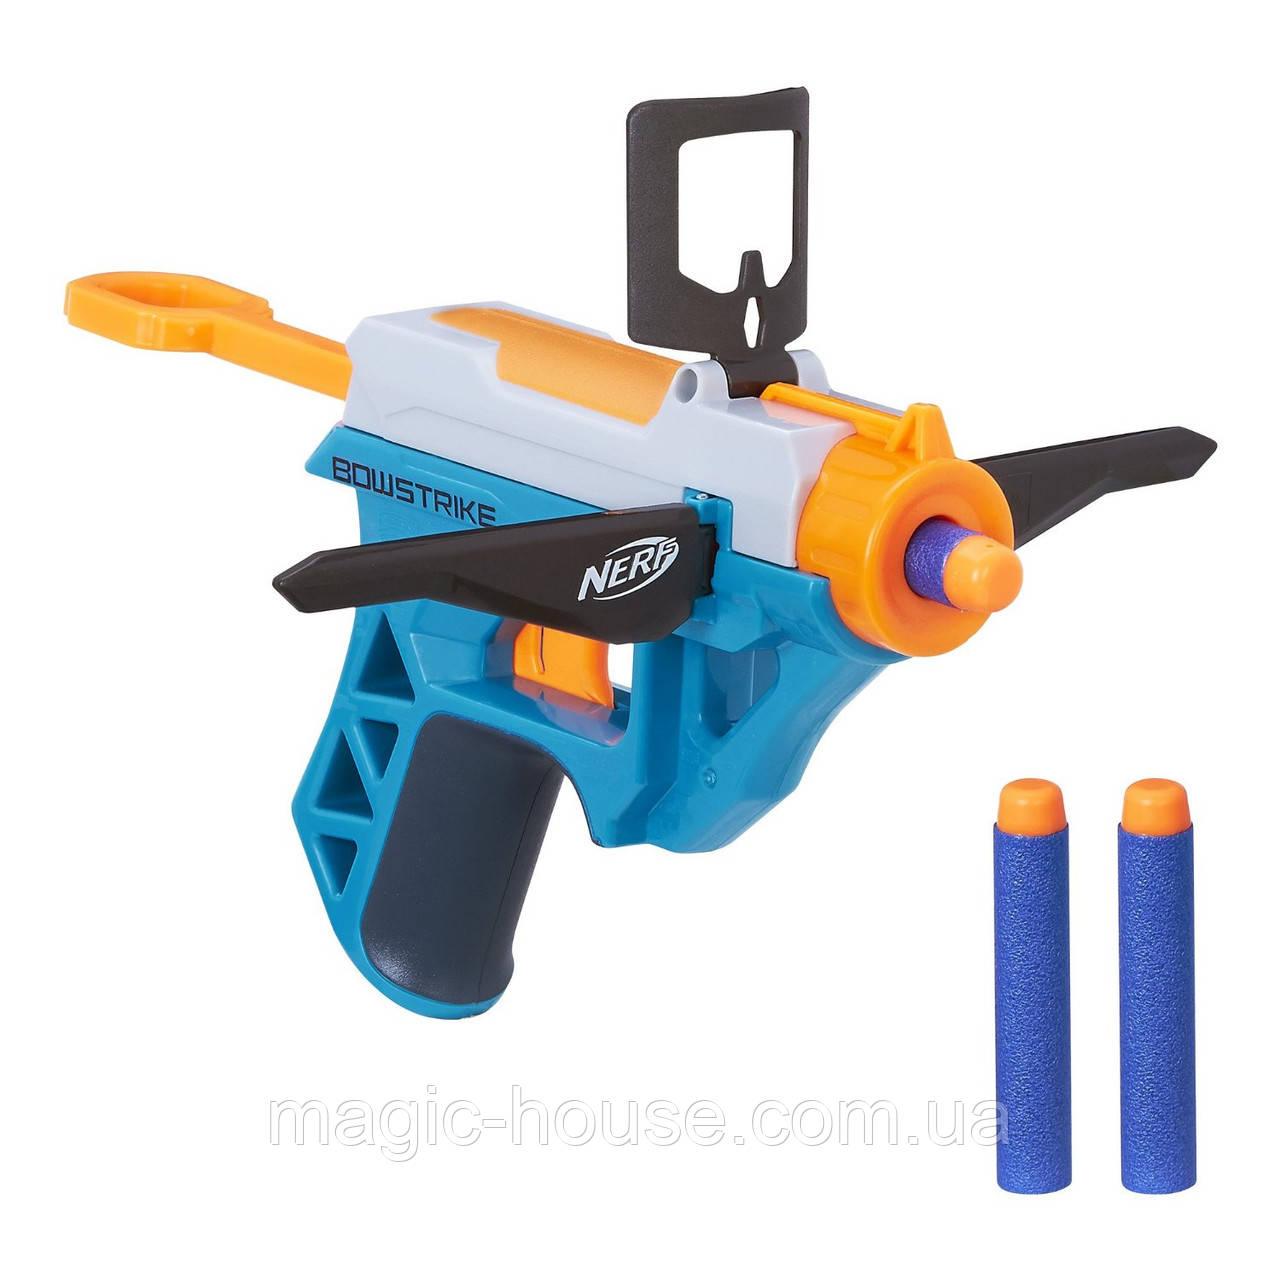 Бластер Nerf  Мини-арбалет БоуСтрайк  N-Strike BowStrike Blaster